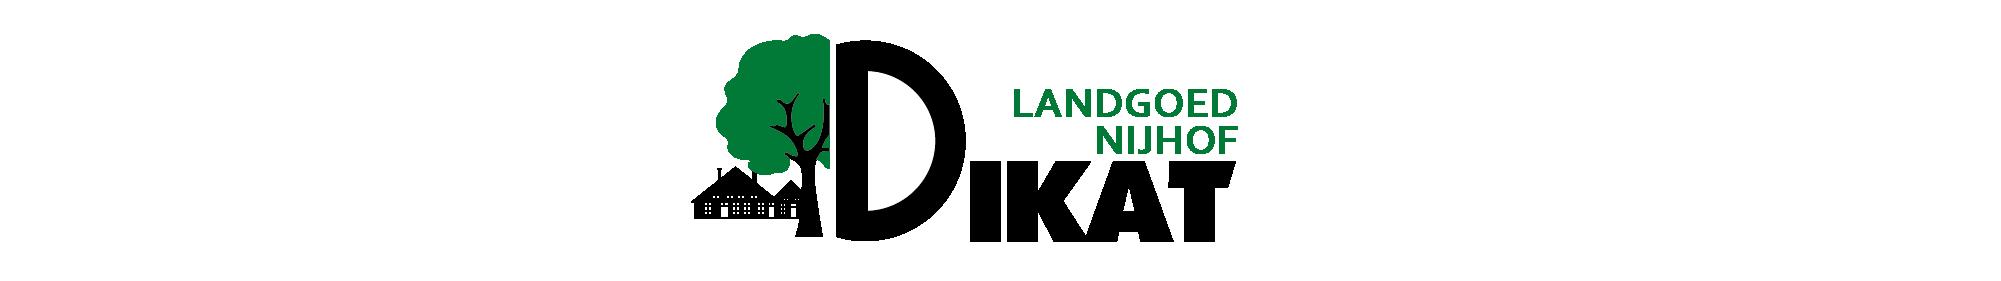 LOGO LN_2000x280 px-01